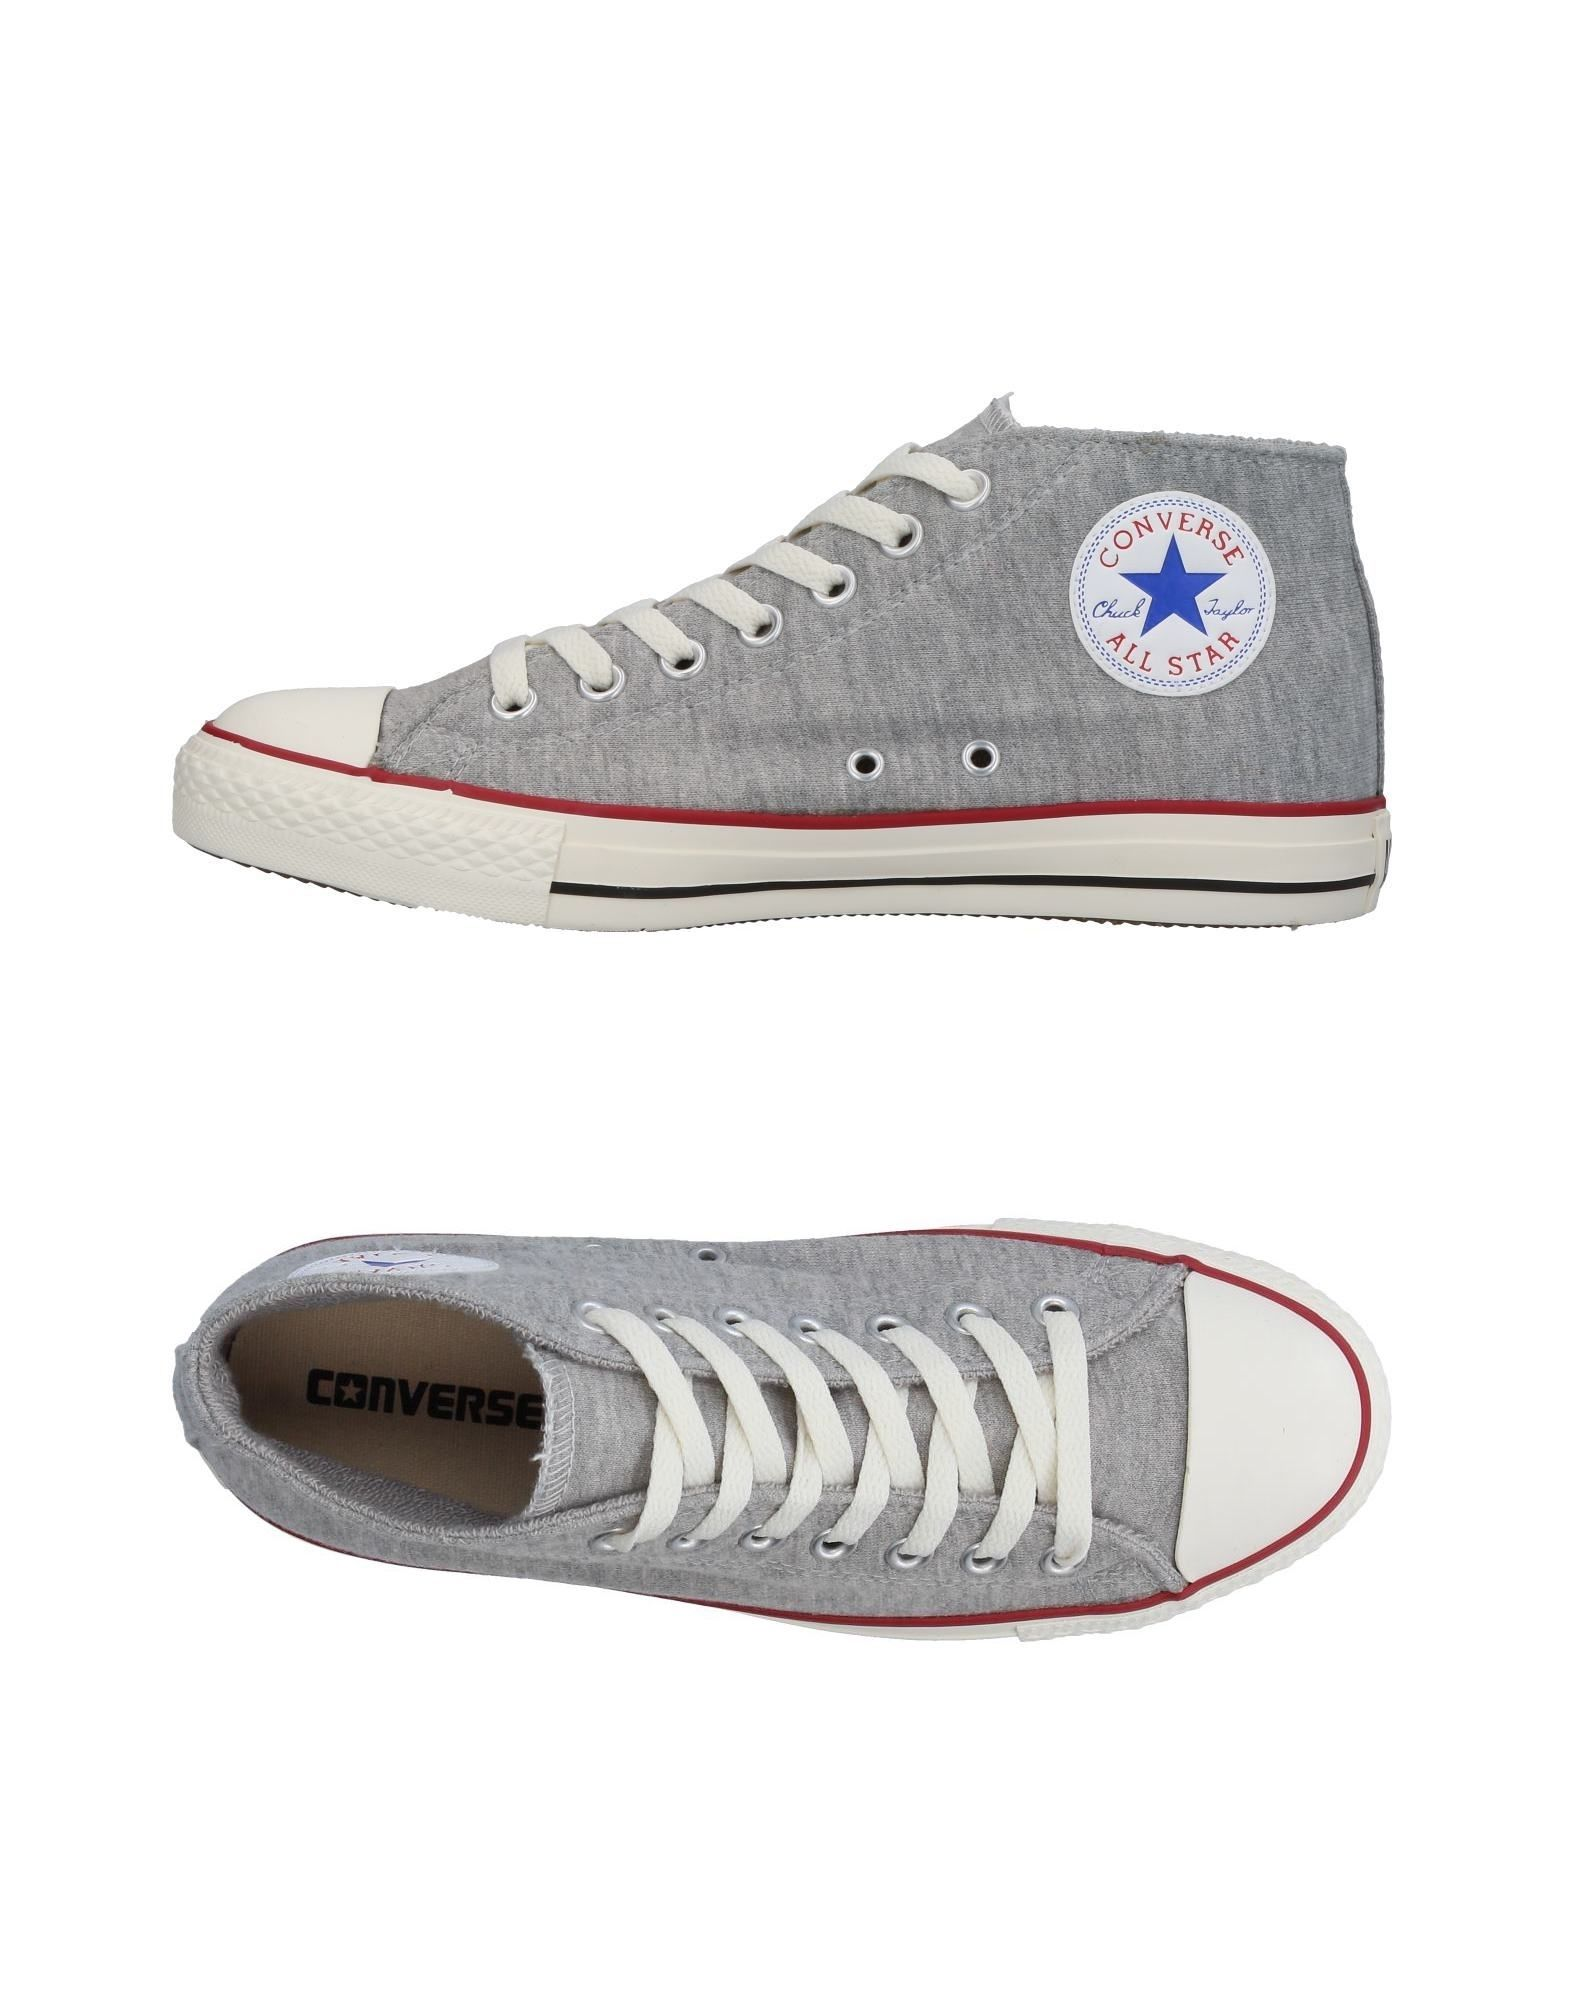 CONVERSE ALL STAR Высокие кеды и кроссовки кеды converse кеды star player leather